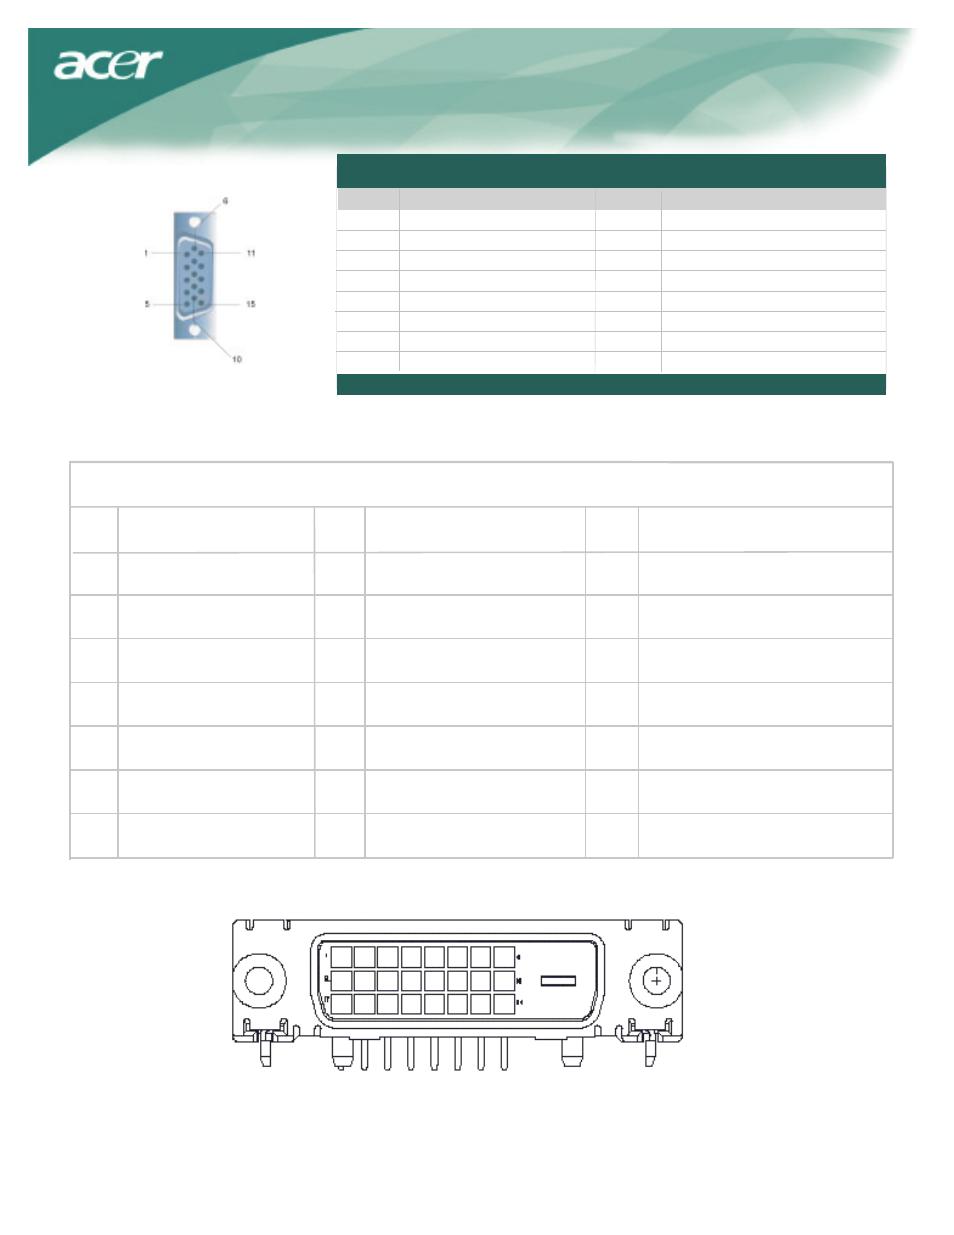 Acer Al1716 скачать инструкцию - картинка 3